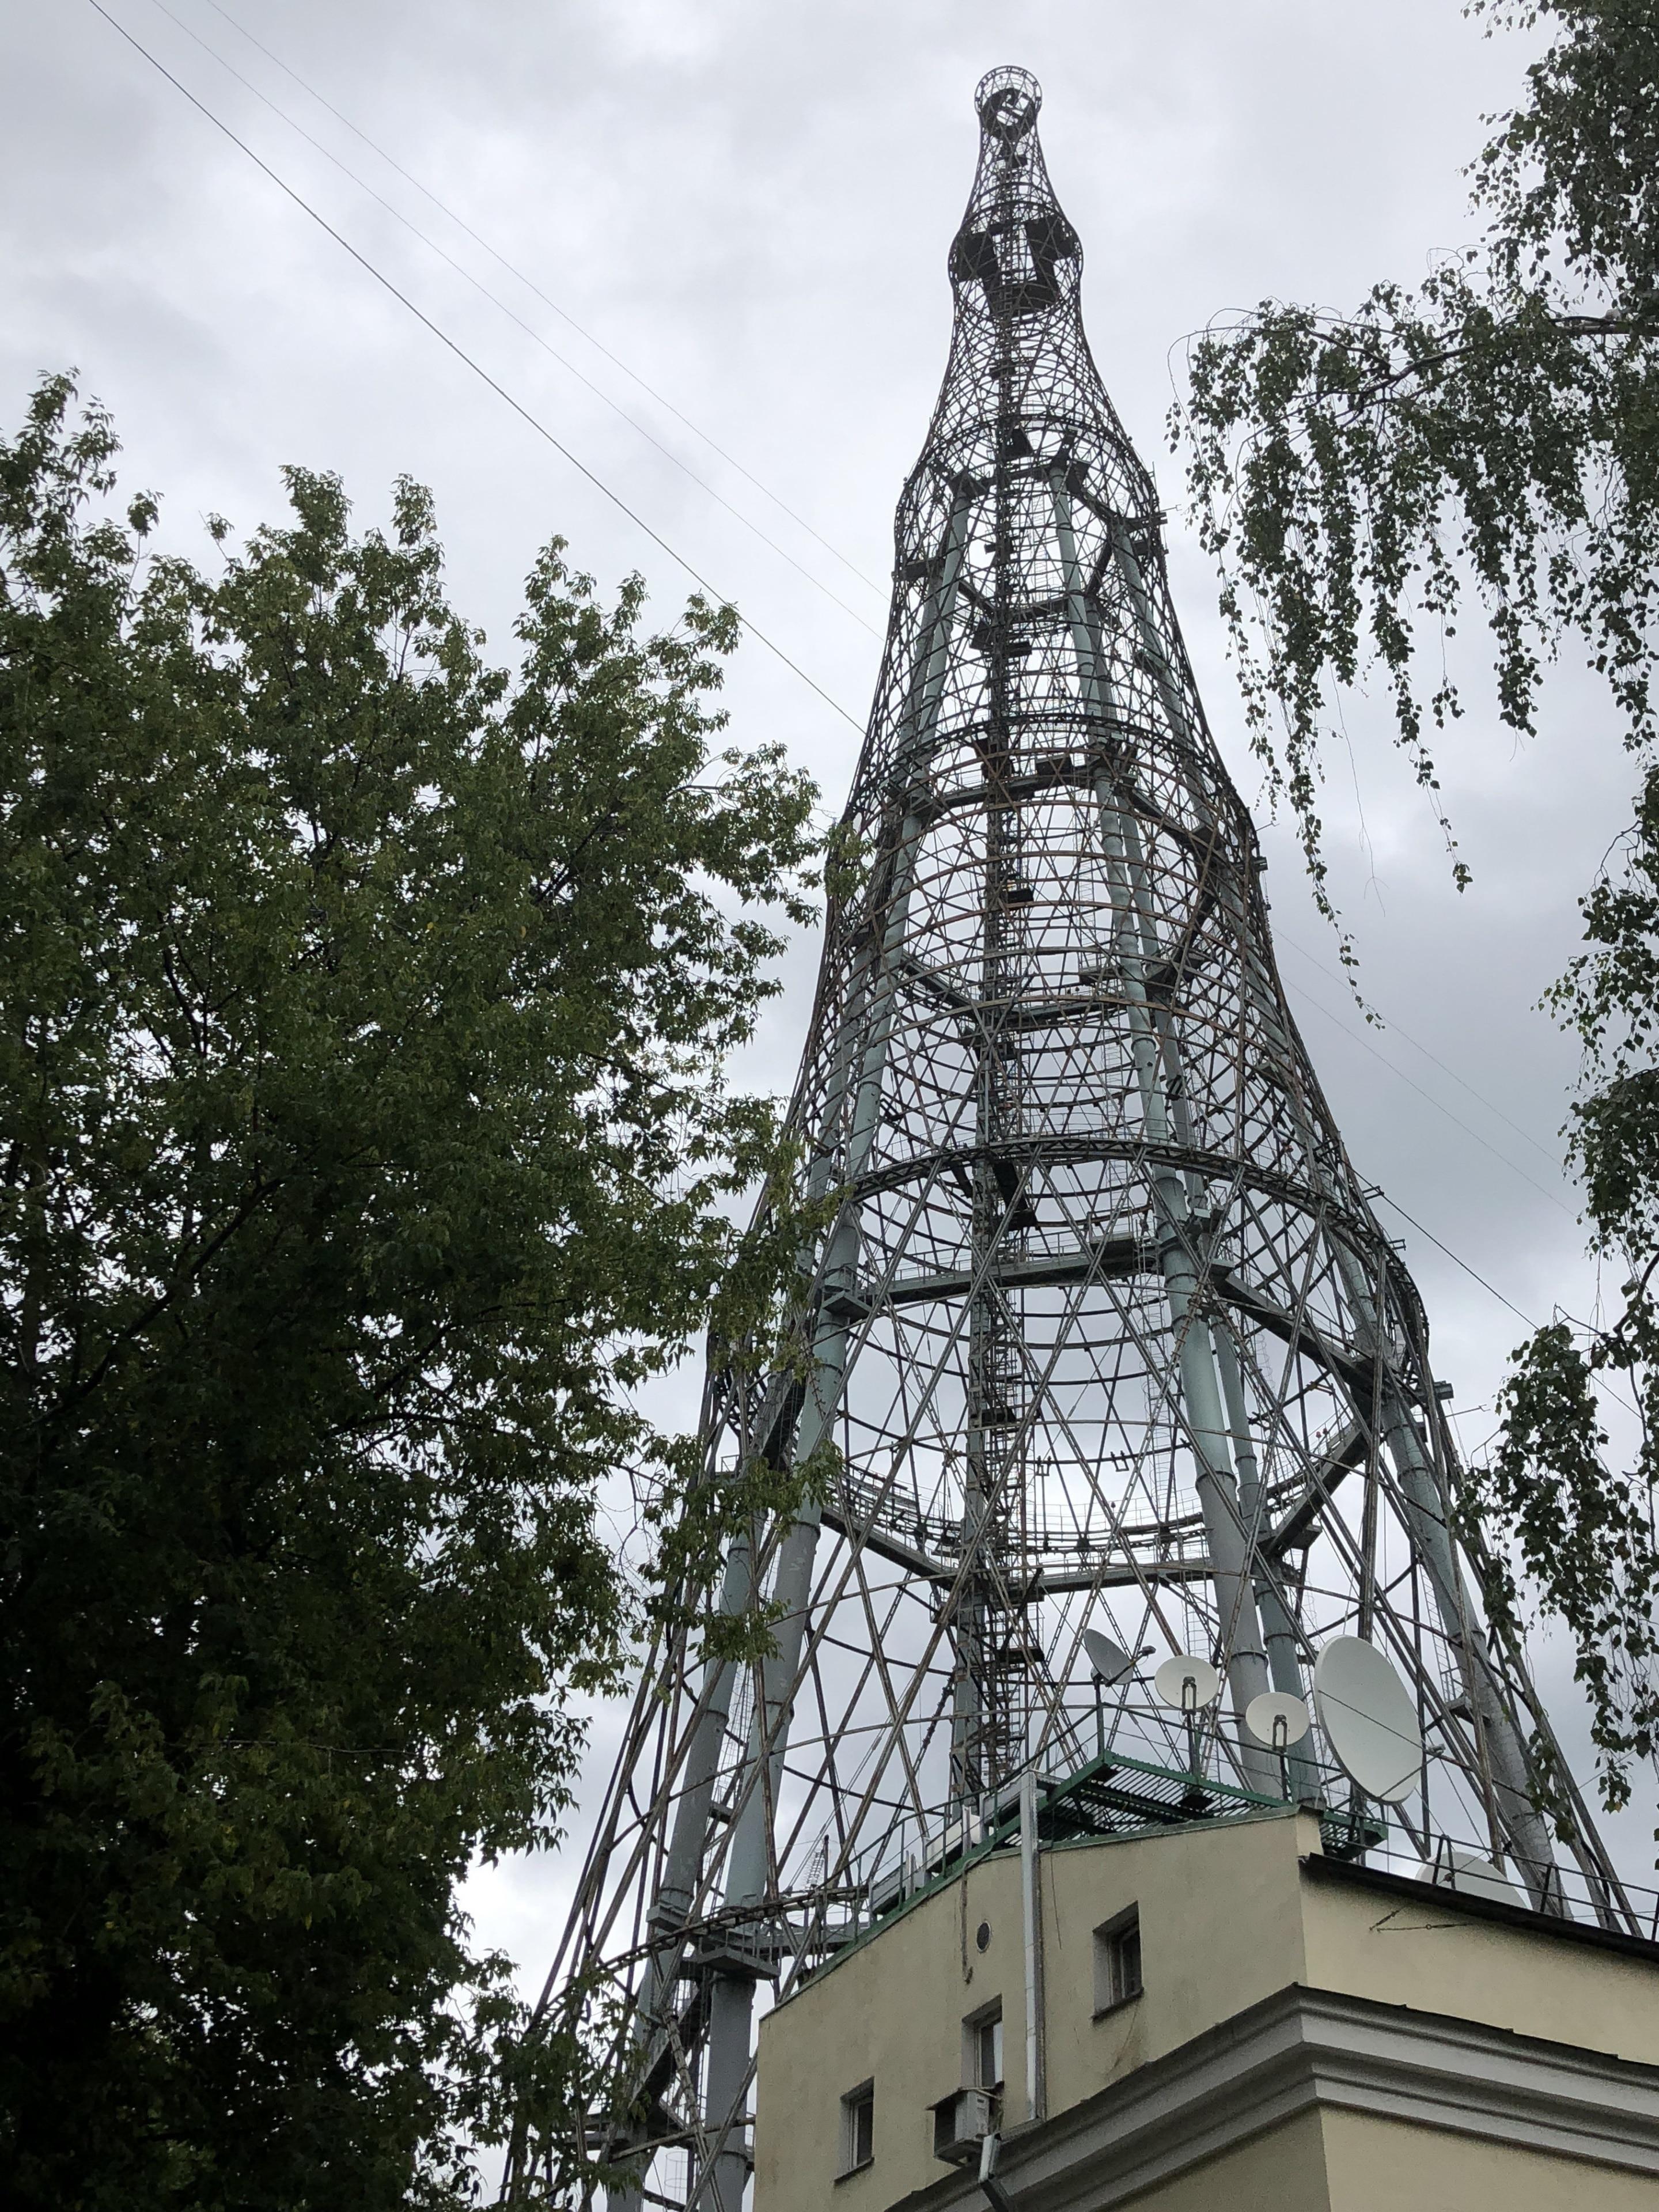 Shukhov-zendmast, Moskou, Rusland